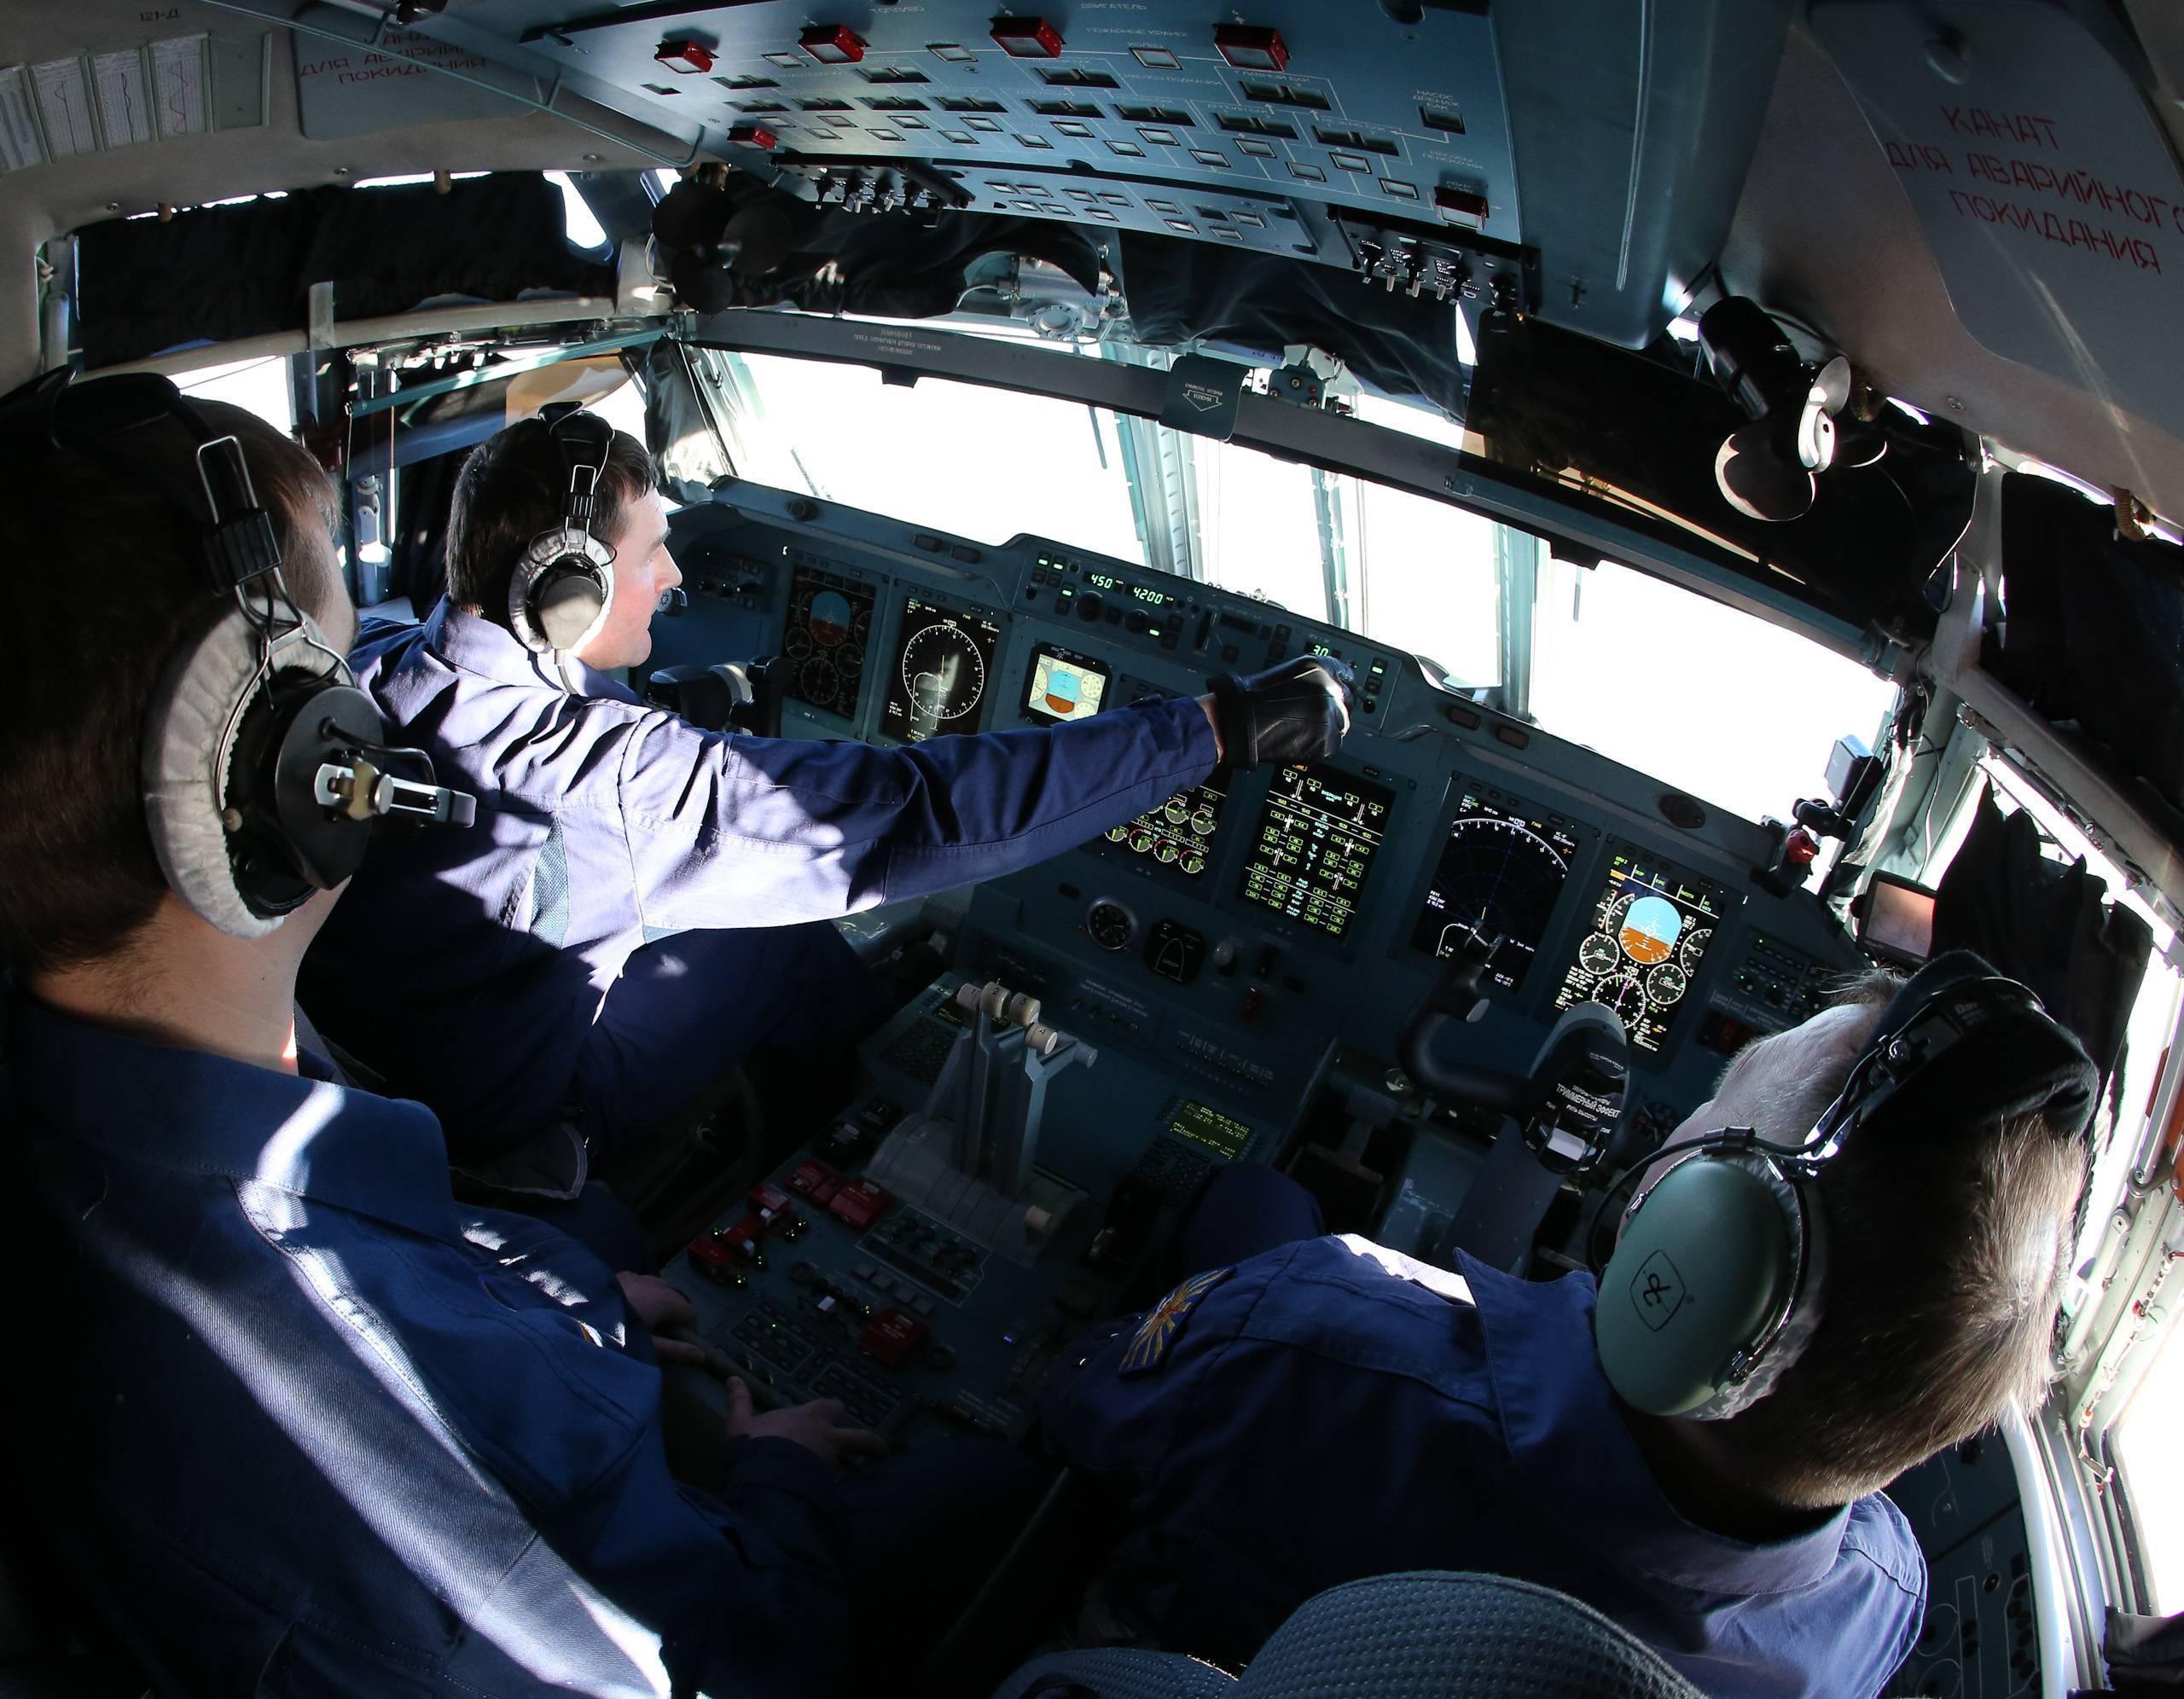 Ил-12 — обзор среднемагистрального пассажирского самолета